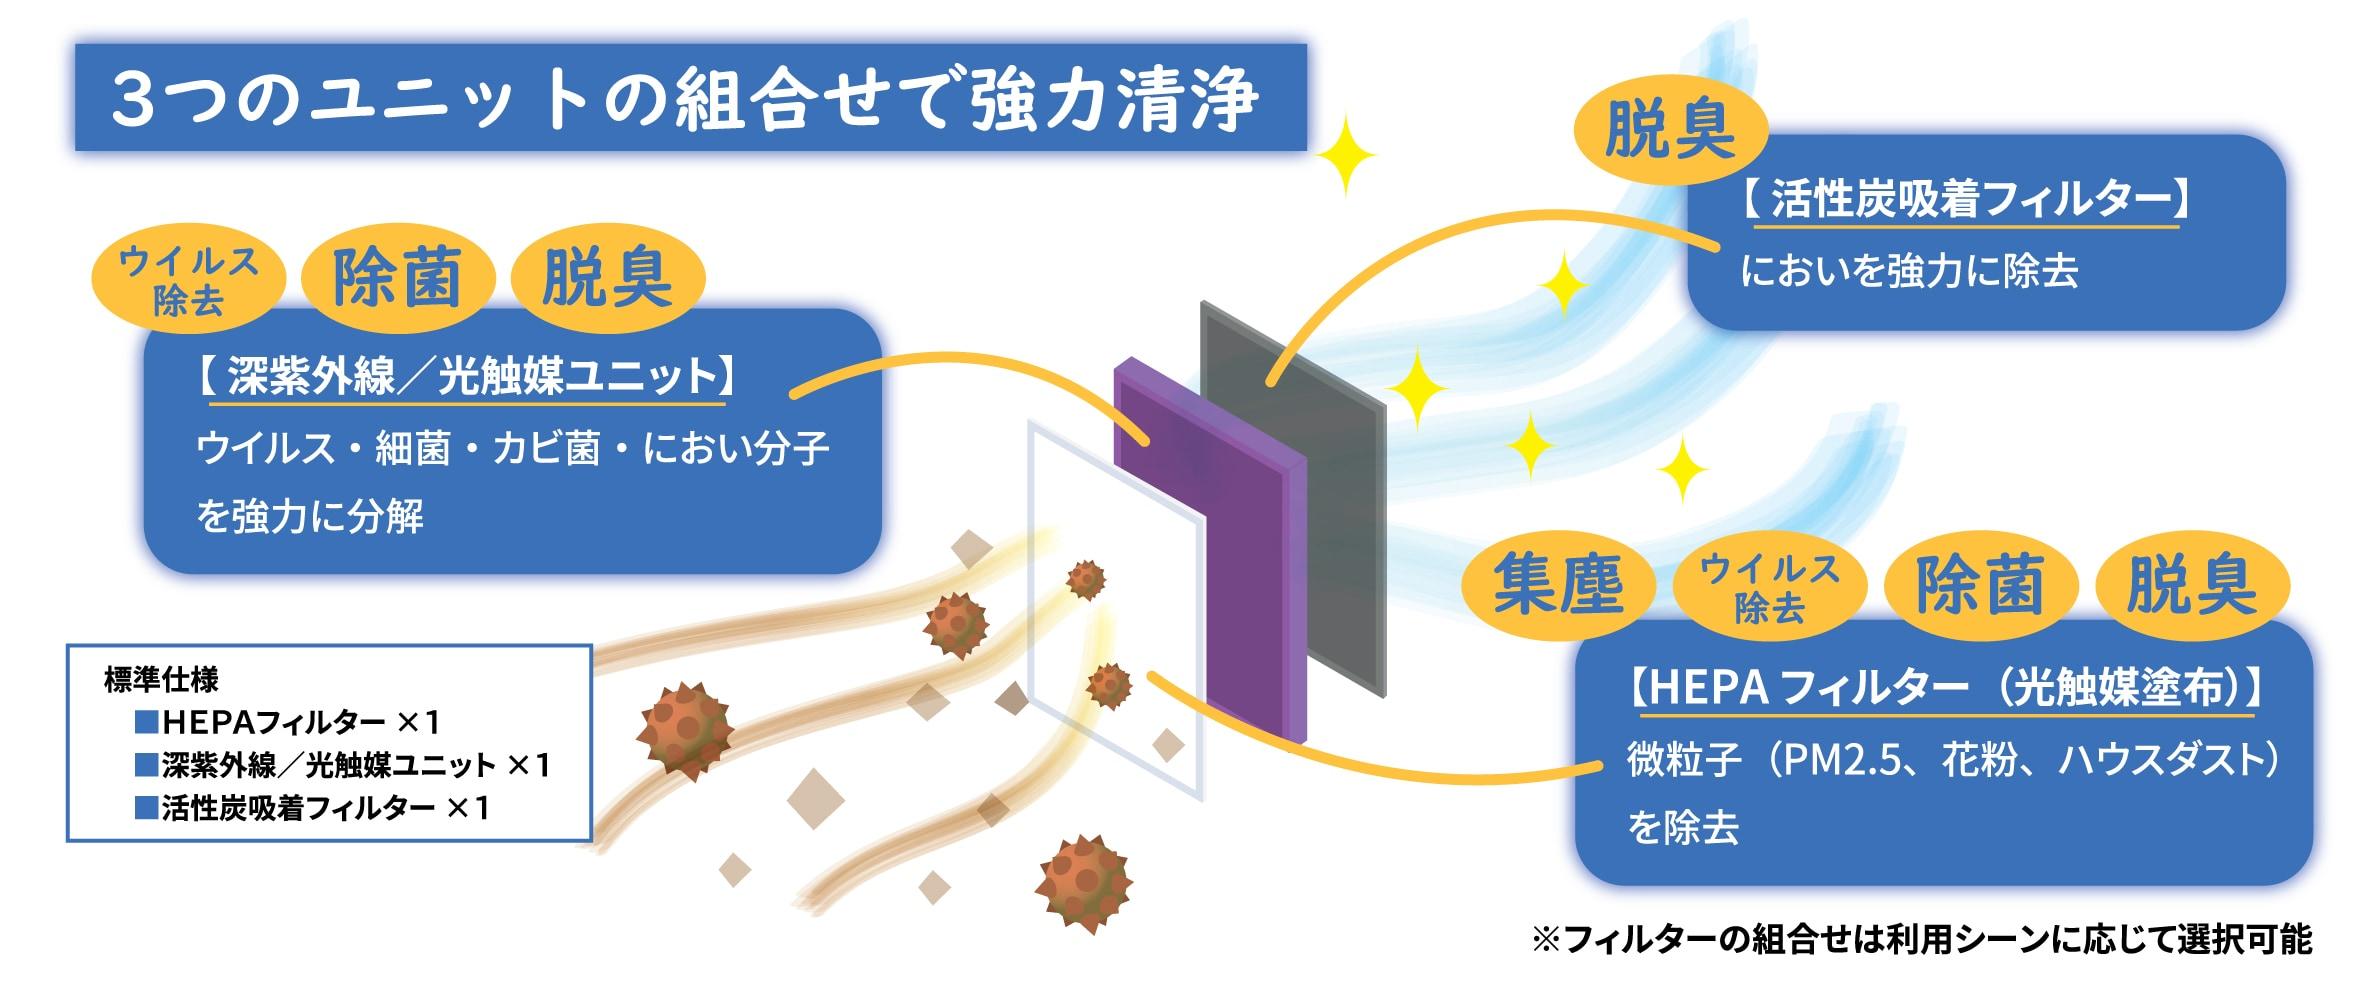 光風強力洗浄の説明